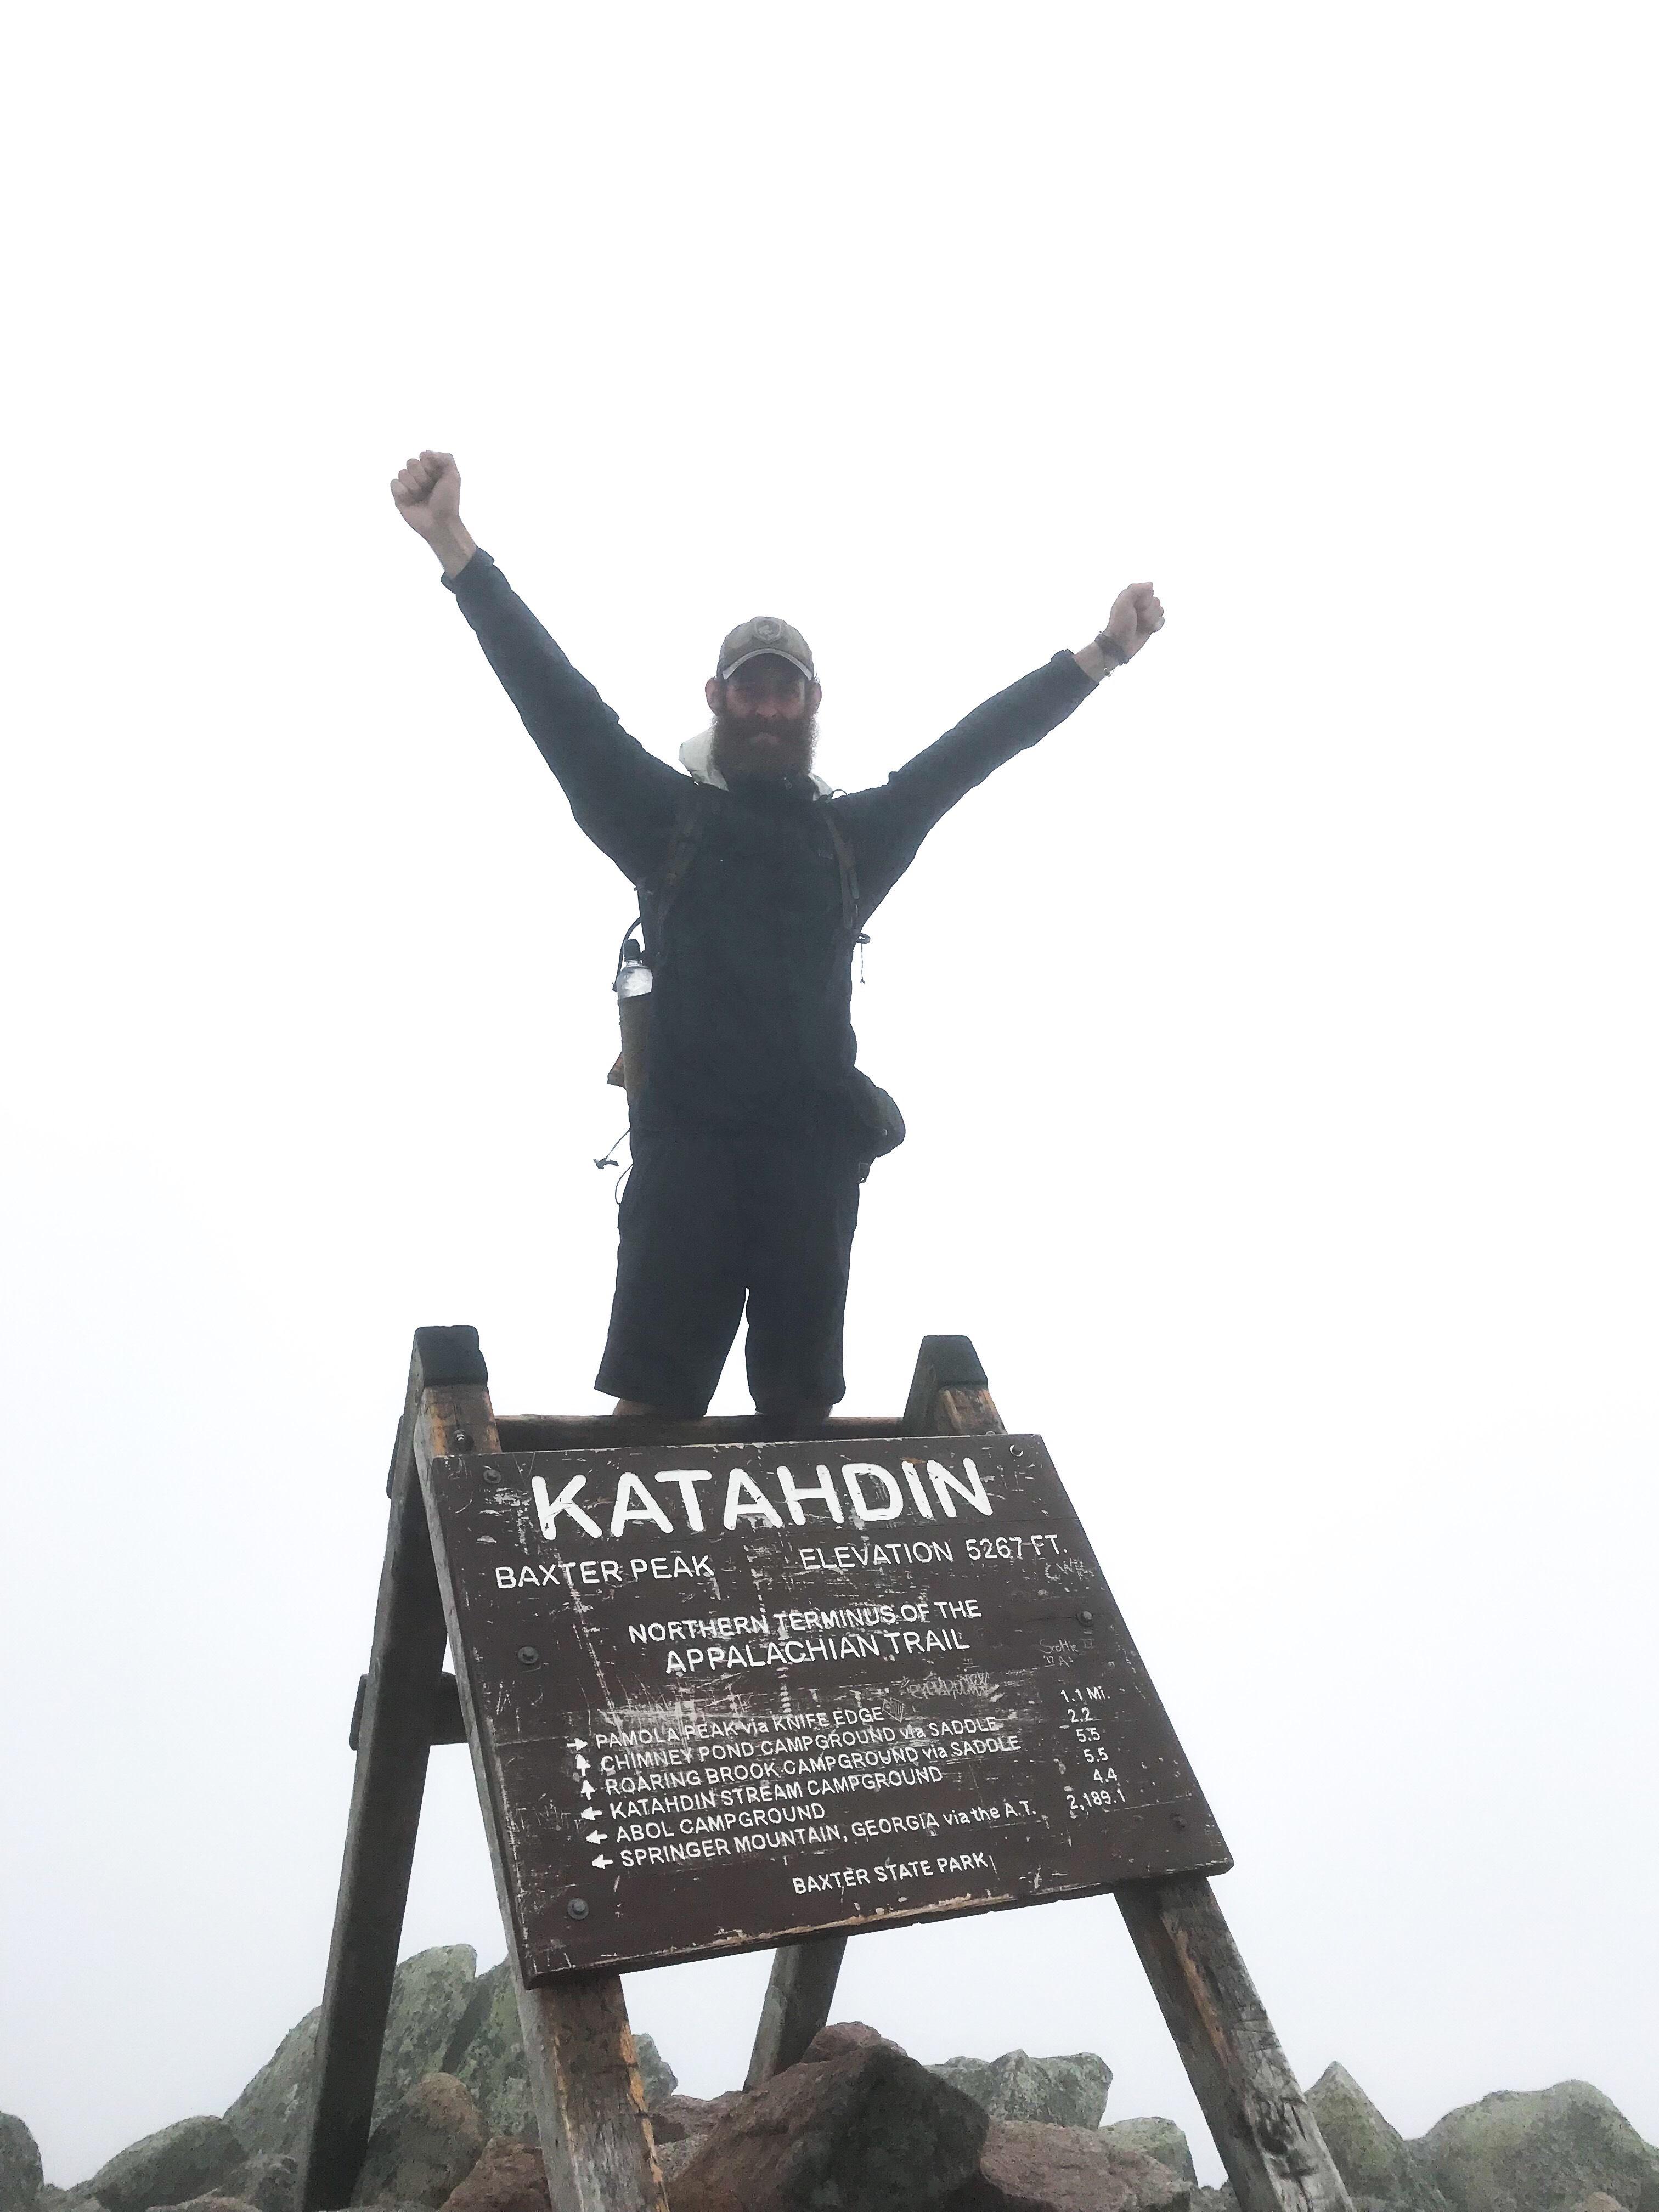 Appalachian trail hikers 2020